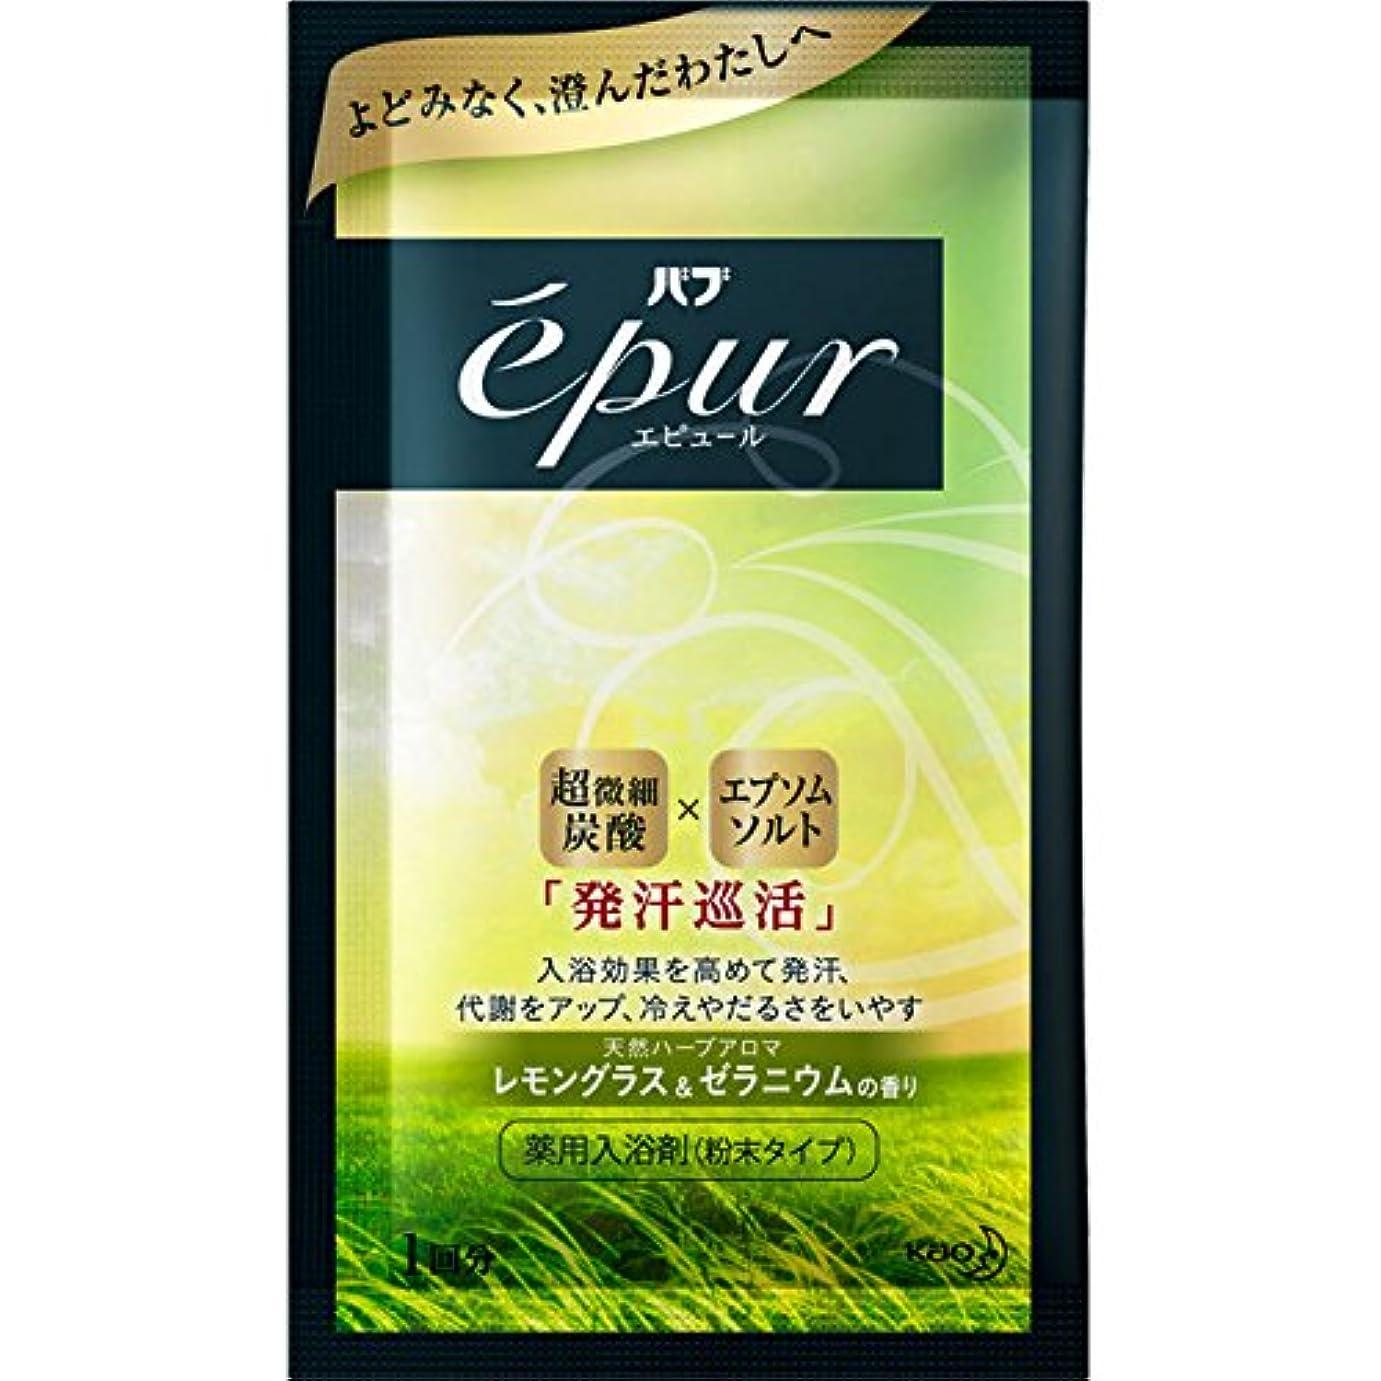 パターンウイルス爵花王 バブ エピュール レモングラス&ゼラニウム1P 50G (医薬部外品)